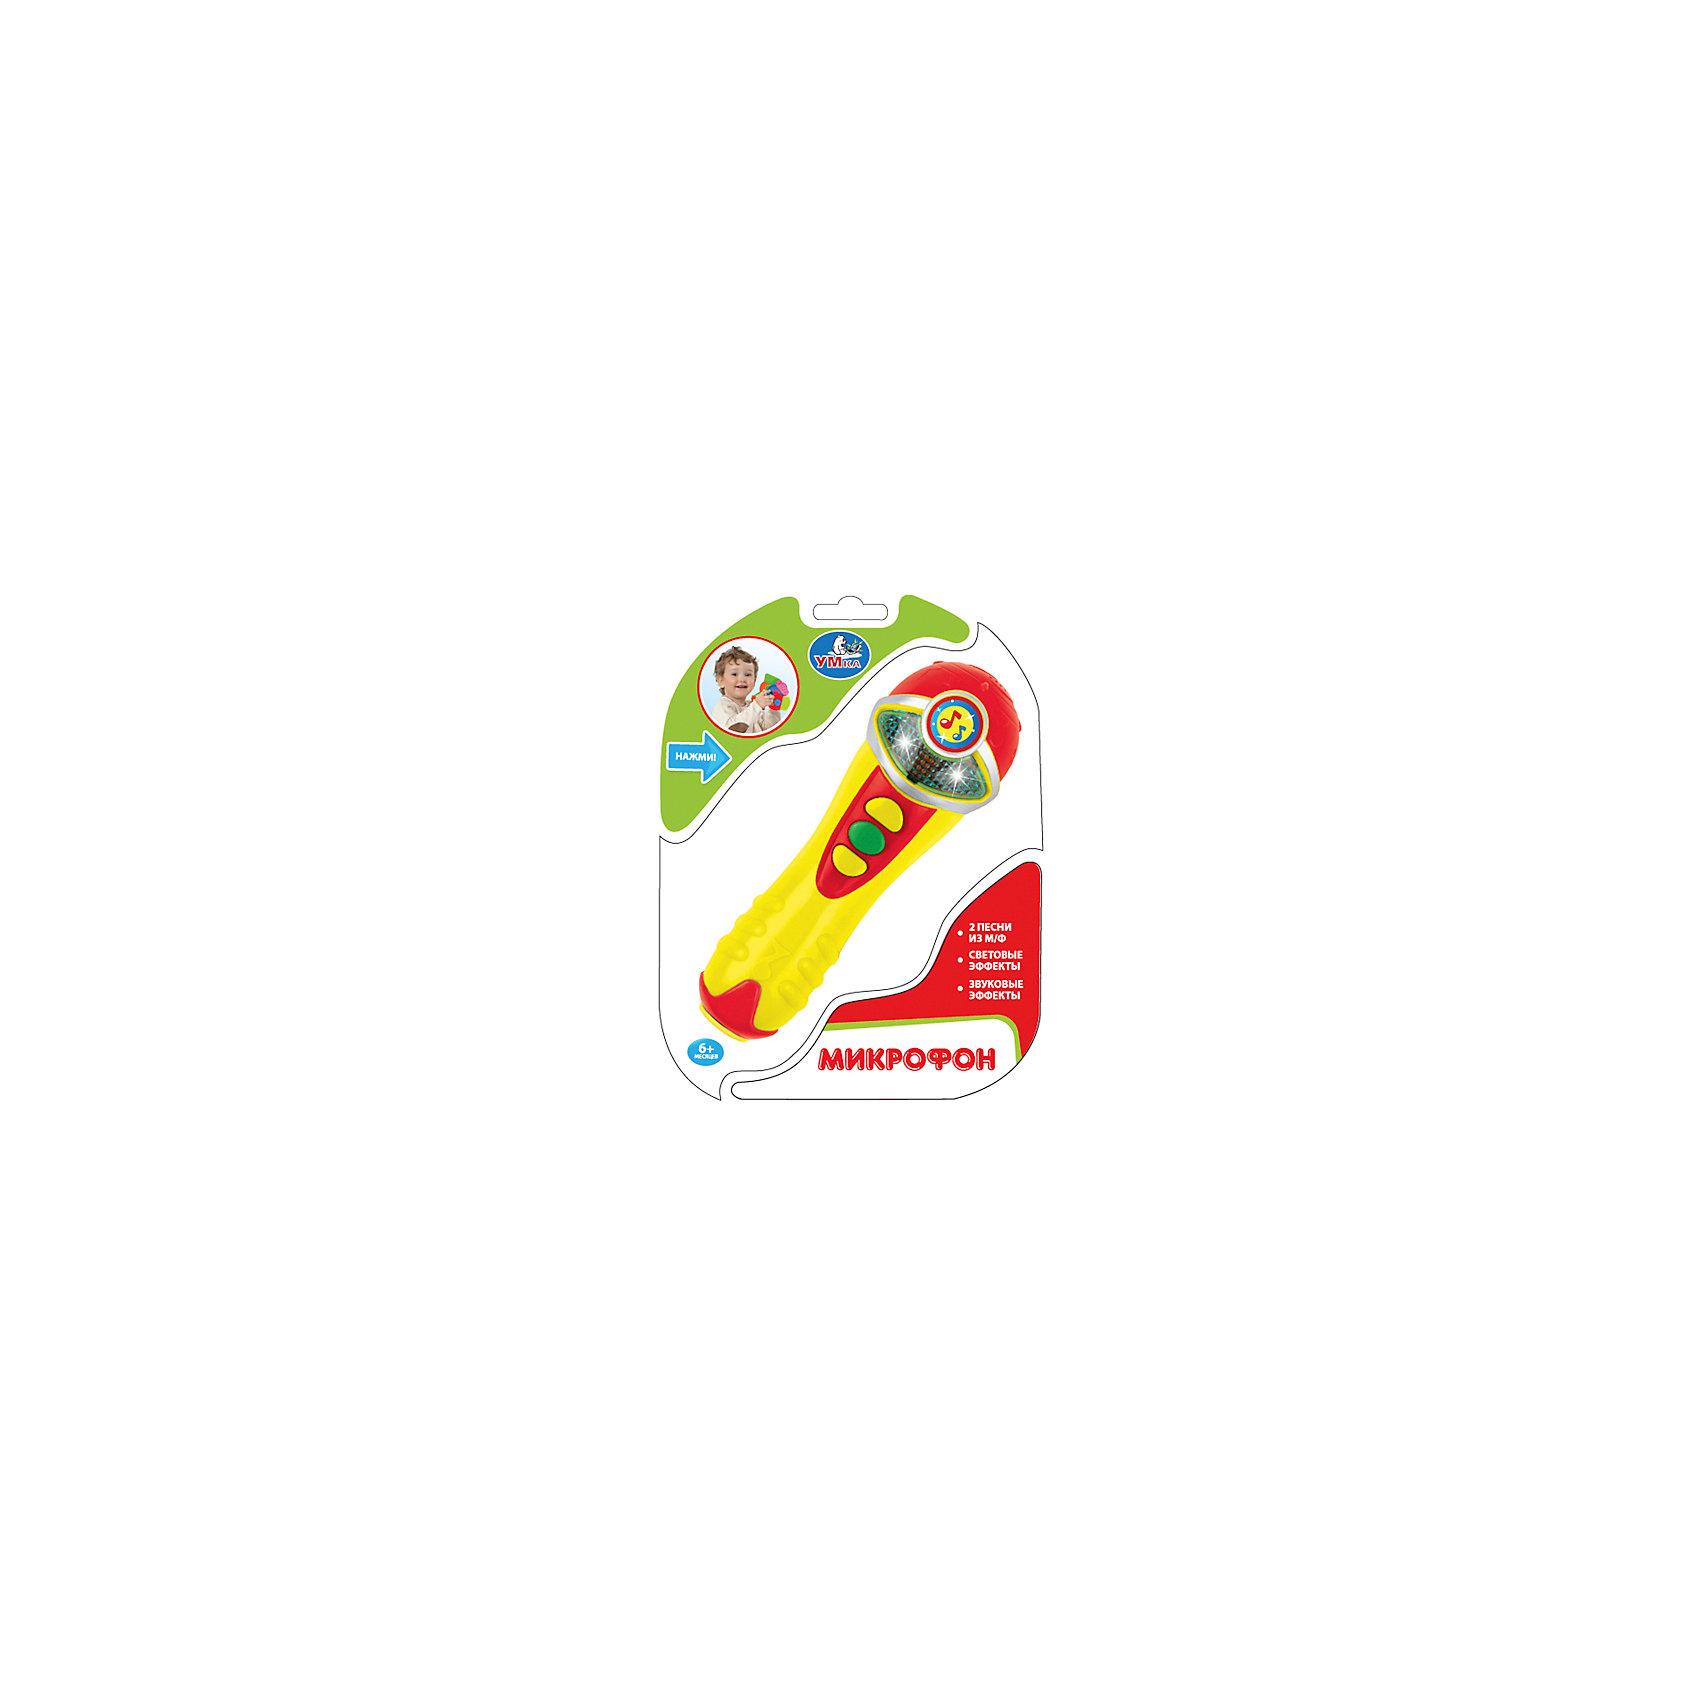 Микрофон с песнями В.Шаинского (3 песни), со светом и звуковыми эффектами, УмкаМузыкальные инструменты и игрушки<br>Микрофон с песнями В. Шаинского (3 песни), со светом и звуковыми эффектами, Умка – игрушка подарит малышу много прекрасных и радостных моментов.<br>Этот развивающий и очень внешне привлекательный микрофон познакомит ребенка с миром музыки и просто доставит ему много радости. Он даст малышу возможность прослушать 3 песни В. Шаинского. Для того, чтобы играть было интереснее, производитель оснастил его световыми эффектами и функцией аплодисменты. Корпус устройства выполнен из высококачественного пластика ярких цветов. Чтобы начать игру, малышу будет достаточно нажать одну из кнопок, расположенных на микрофоне. Нажимая на кнопки, слушая веселые песенки, ваш малыш проведет время увлекательно и с пользой. Игра с этим микрофоном развивает слух, зрение, музыкальную память, концентрацию внимания, моторику, воображение, артистизм, творческое мышление.<br><br>Дополнительная информация:<br><br>- Материал: пластик<br>- Батарейки: 2 типа LR44 (в комплект входят демонстрационные)<br>- Размер упаковки: 17 x 6 x 22 см.<br><br>Микрофон с песнями В. Шаинского (3 песни), со светом и звуковыми эффектами, Умка можно купить в нашем интернет-магазине.<br><br>Ширина мм: 440<br>Глубина мм: 340<br>Высота мм: 590<br>Вес г: 150<br>Возраст от месяцев: 36<br>Возраст до месяцев: 72<br>Пол: Унисекс<br>Возраст: Детский<br>SKU: 4185312